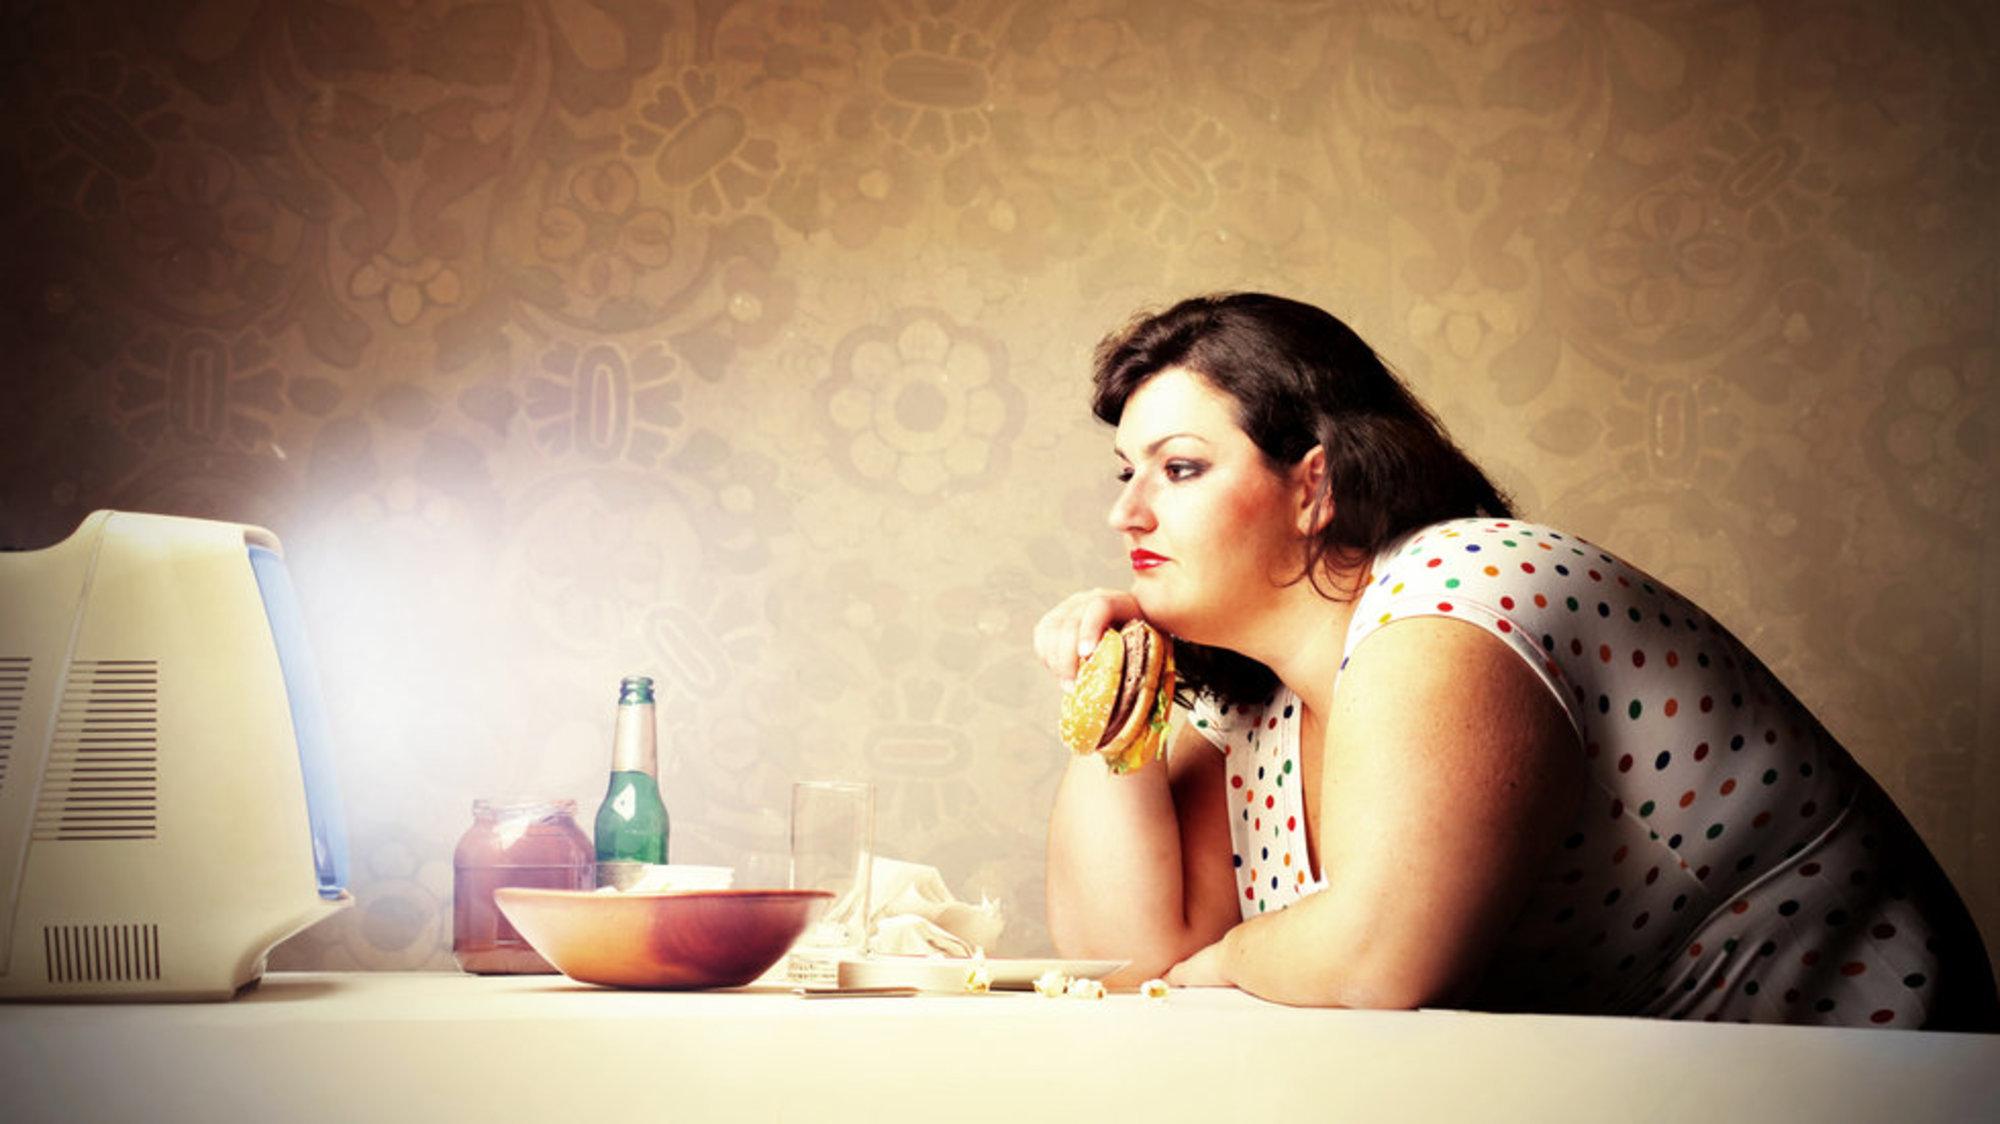 Больше половины россиян хотят перестать объедаться перед сном